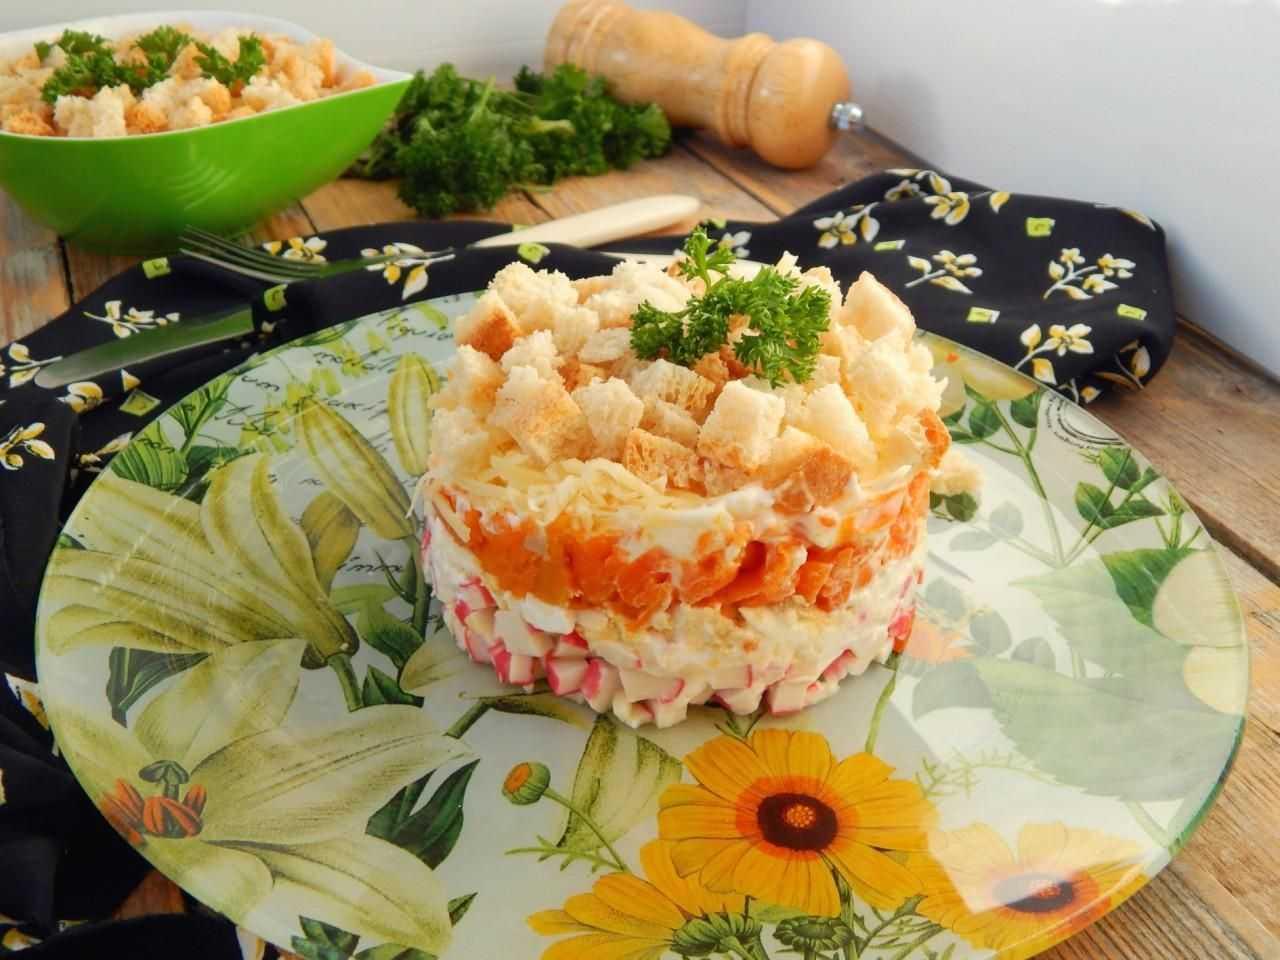 Как приготовить королевский салат с апельсинами: поиск по ингредиентам, советы, отзывы, пошаговые фото, подсчет калорий, изменение порций, похожие рецепты